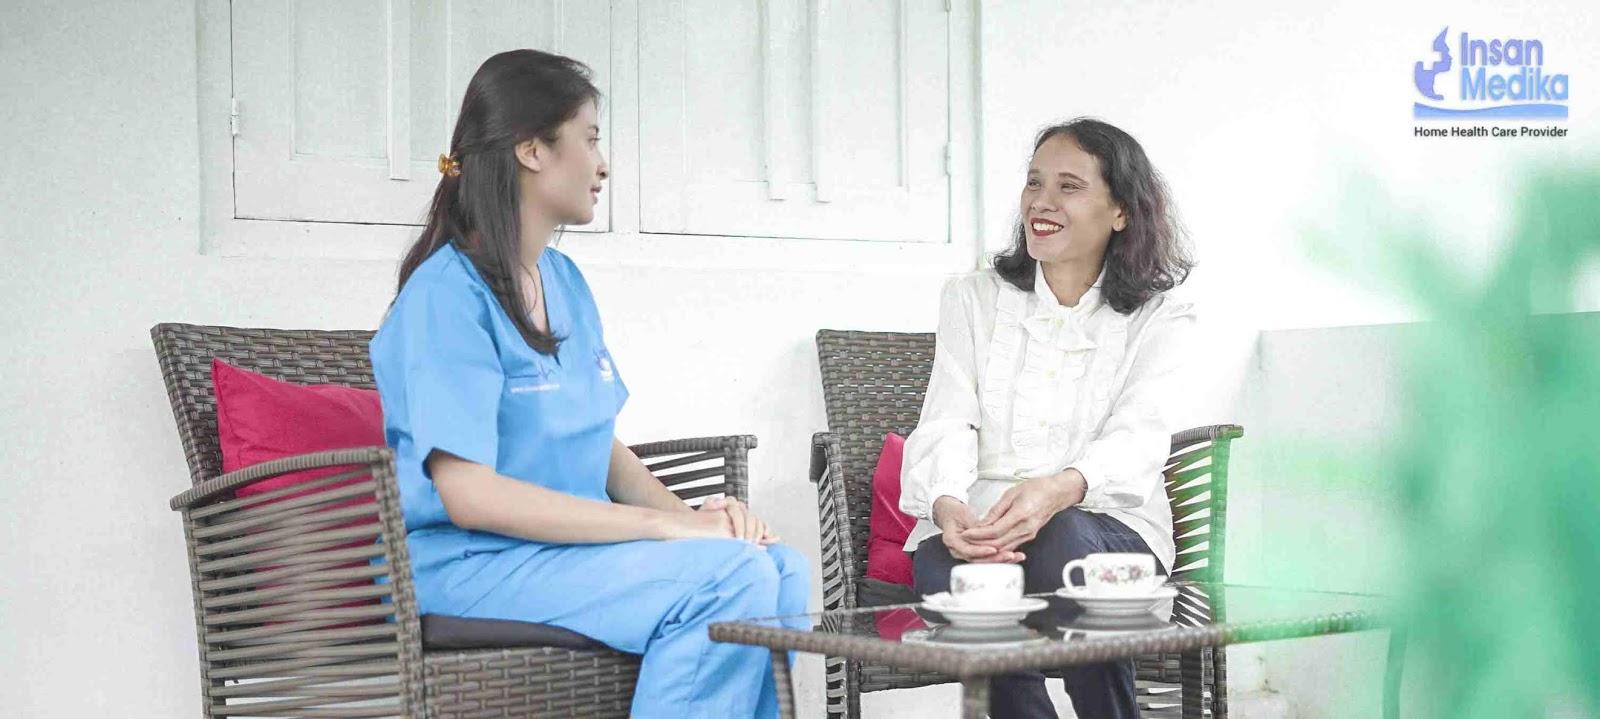 Insan Medika, Jasa Perawat Home Care Terbaik di Indonesia